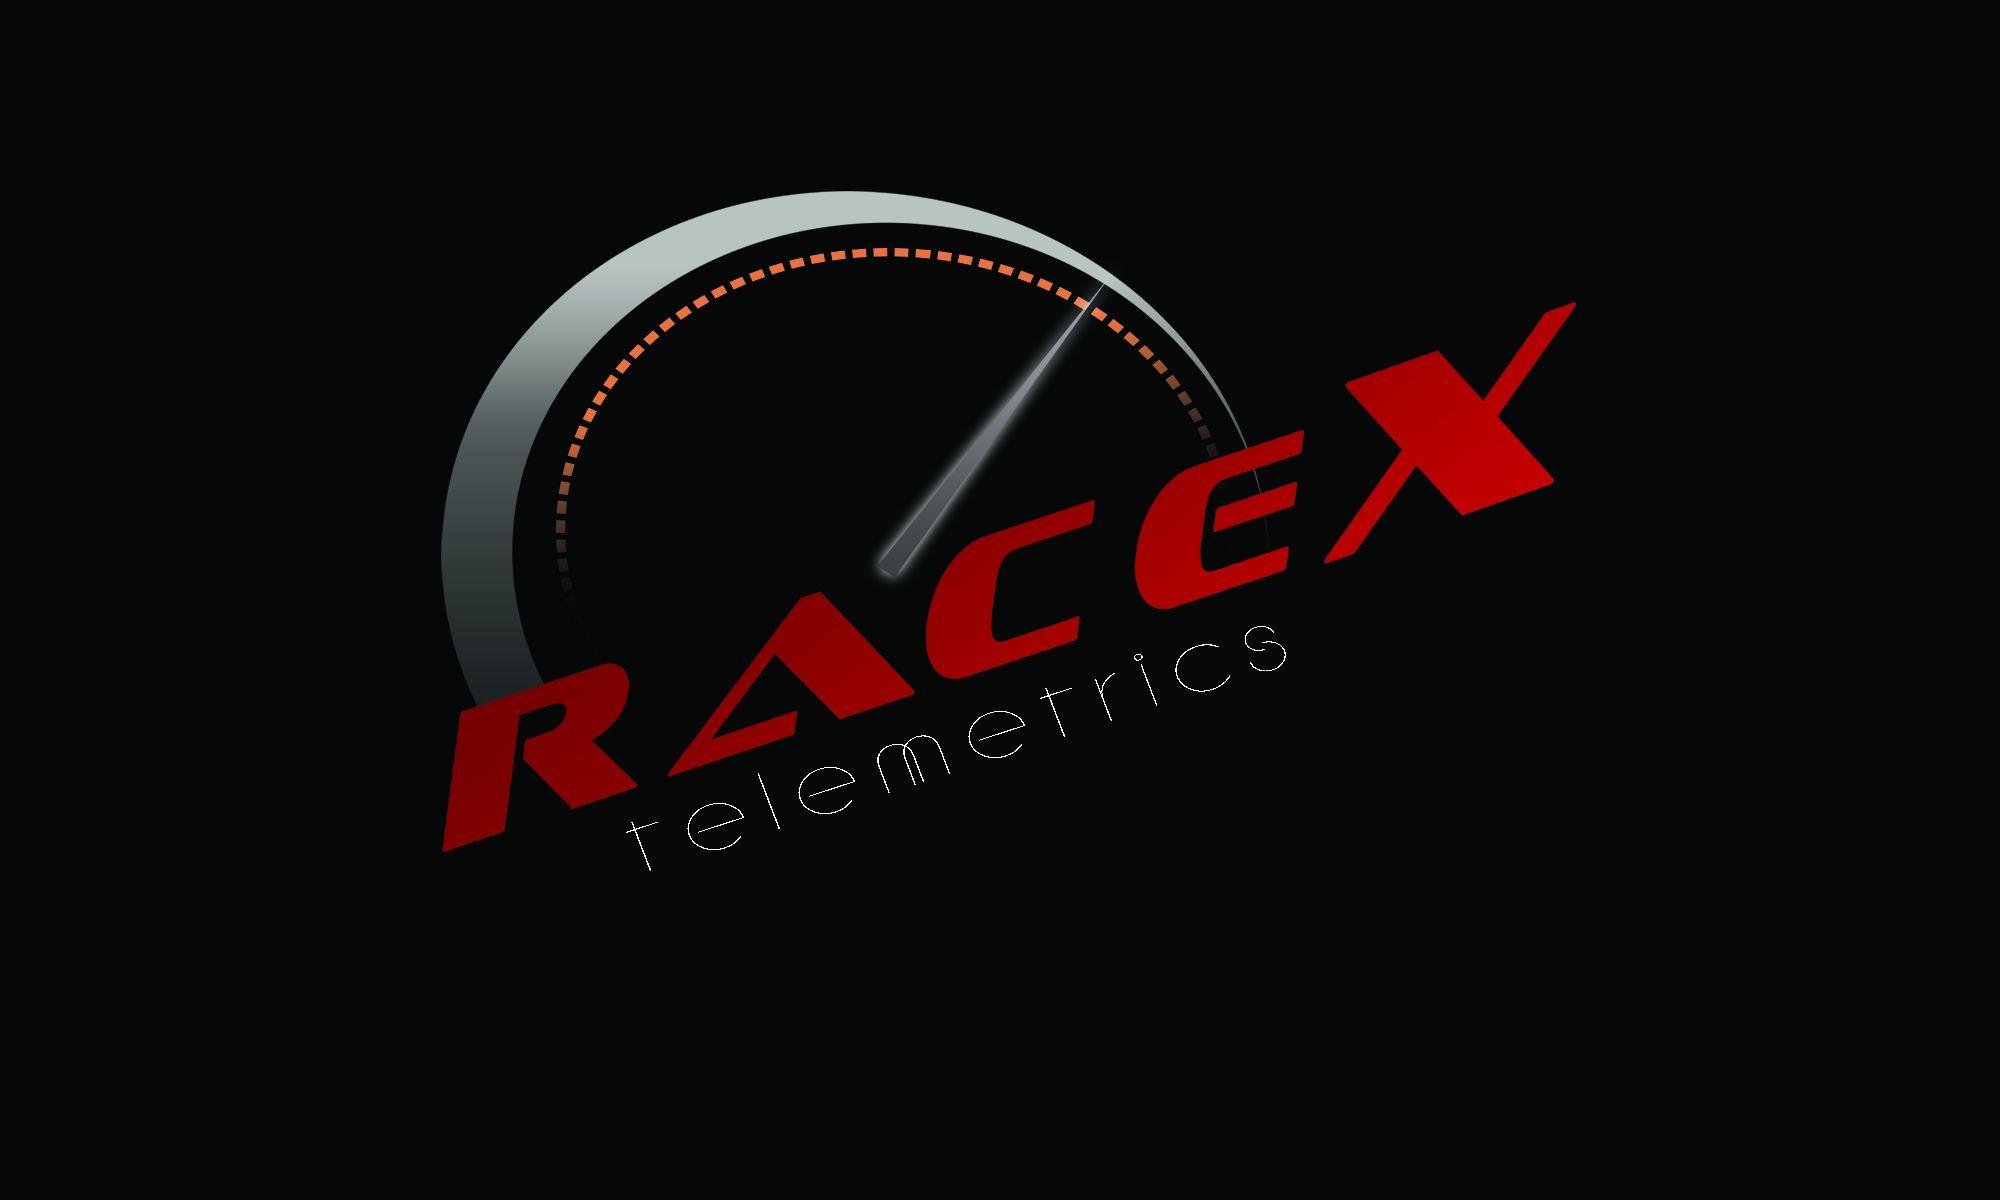 Логотип RaceX Telemetrics  - дизайнер PashaEnjoy